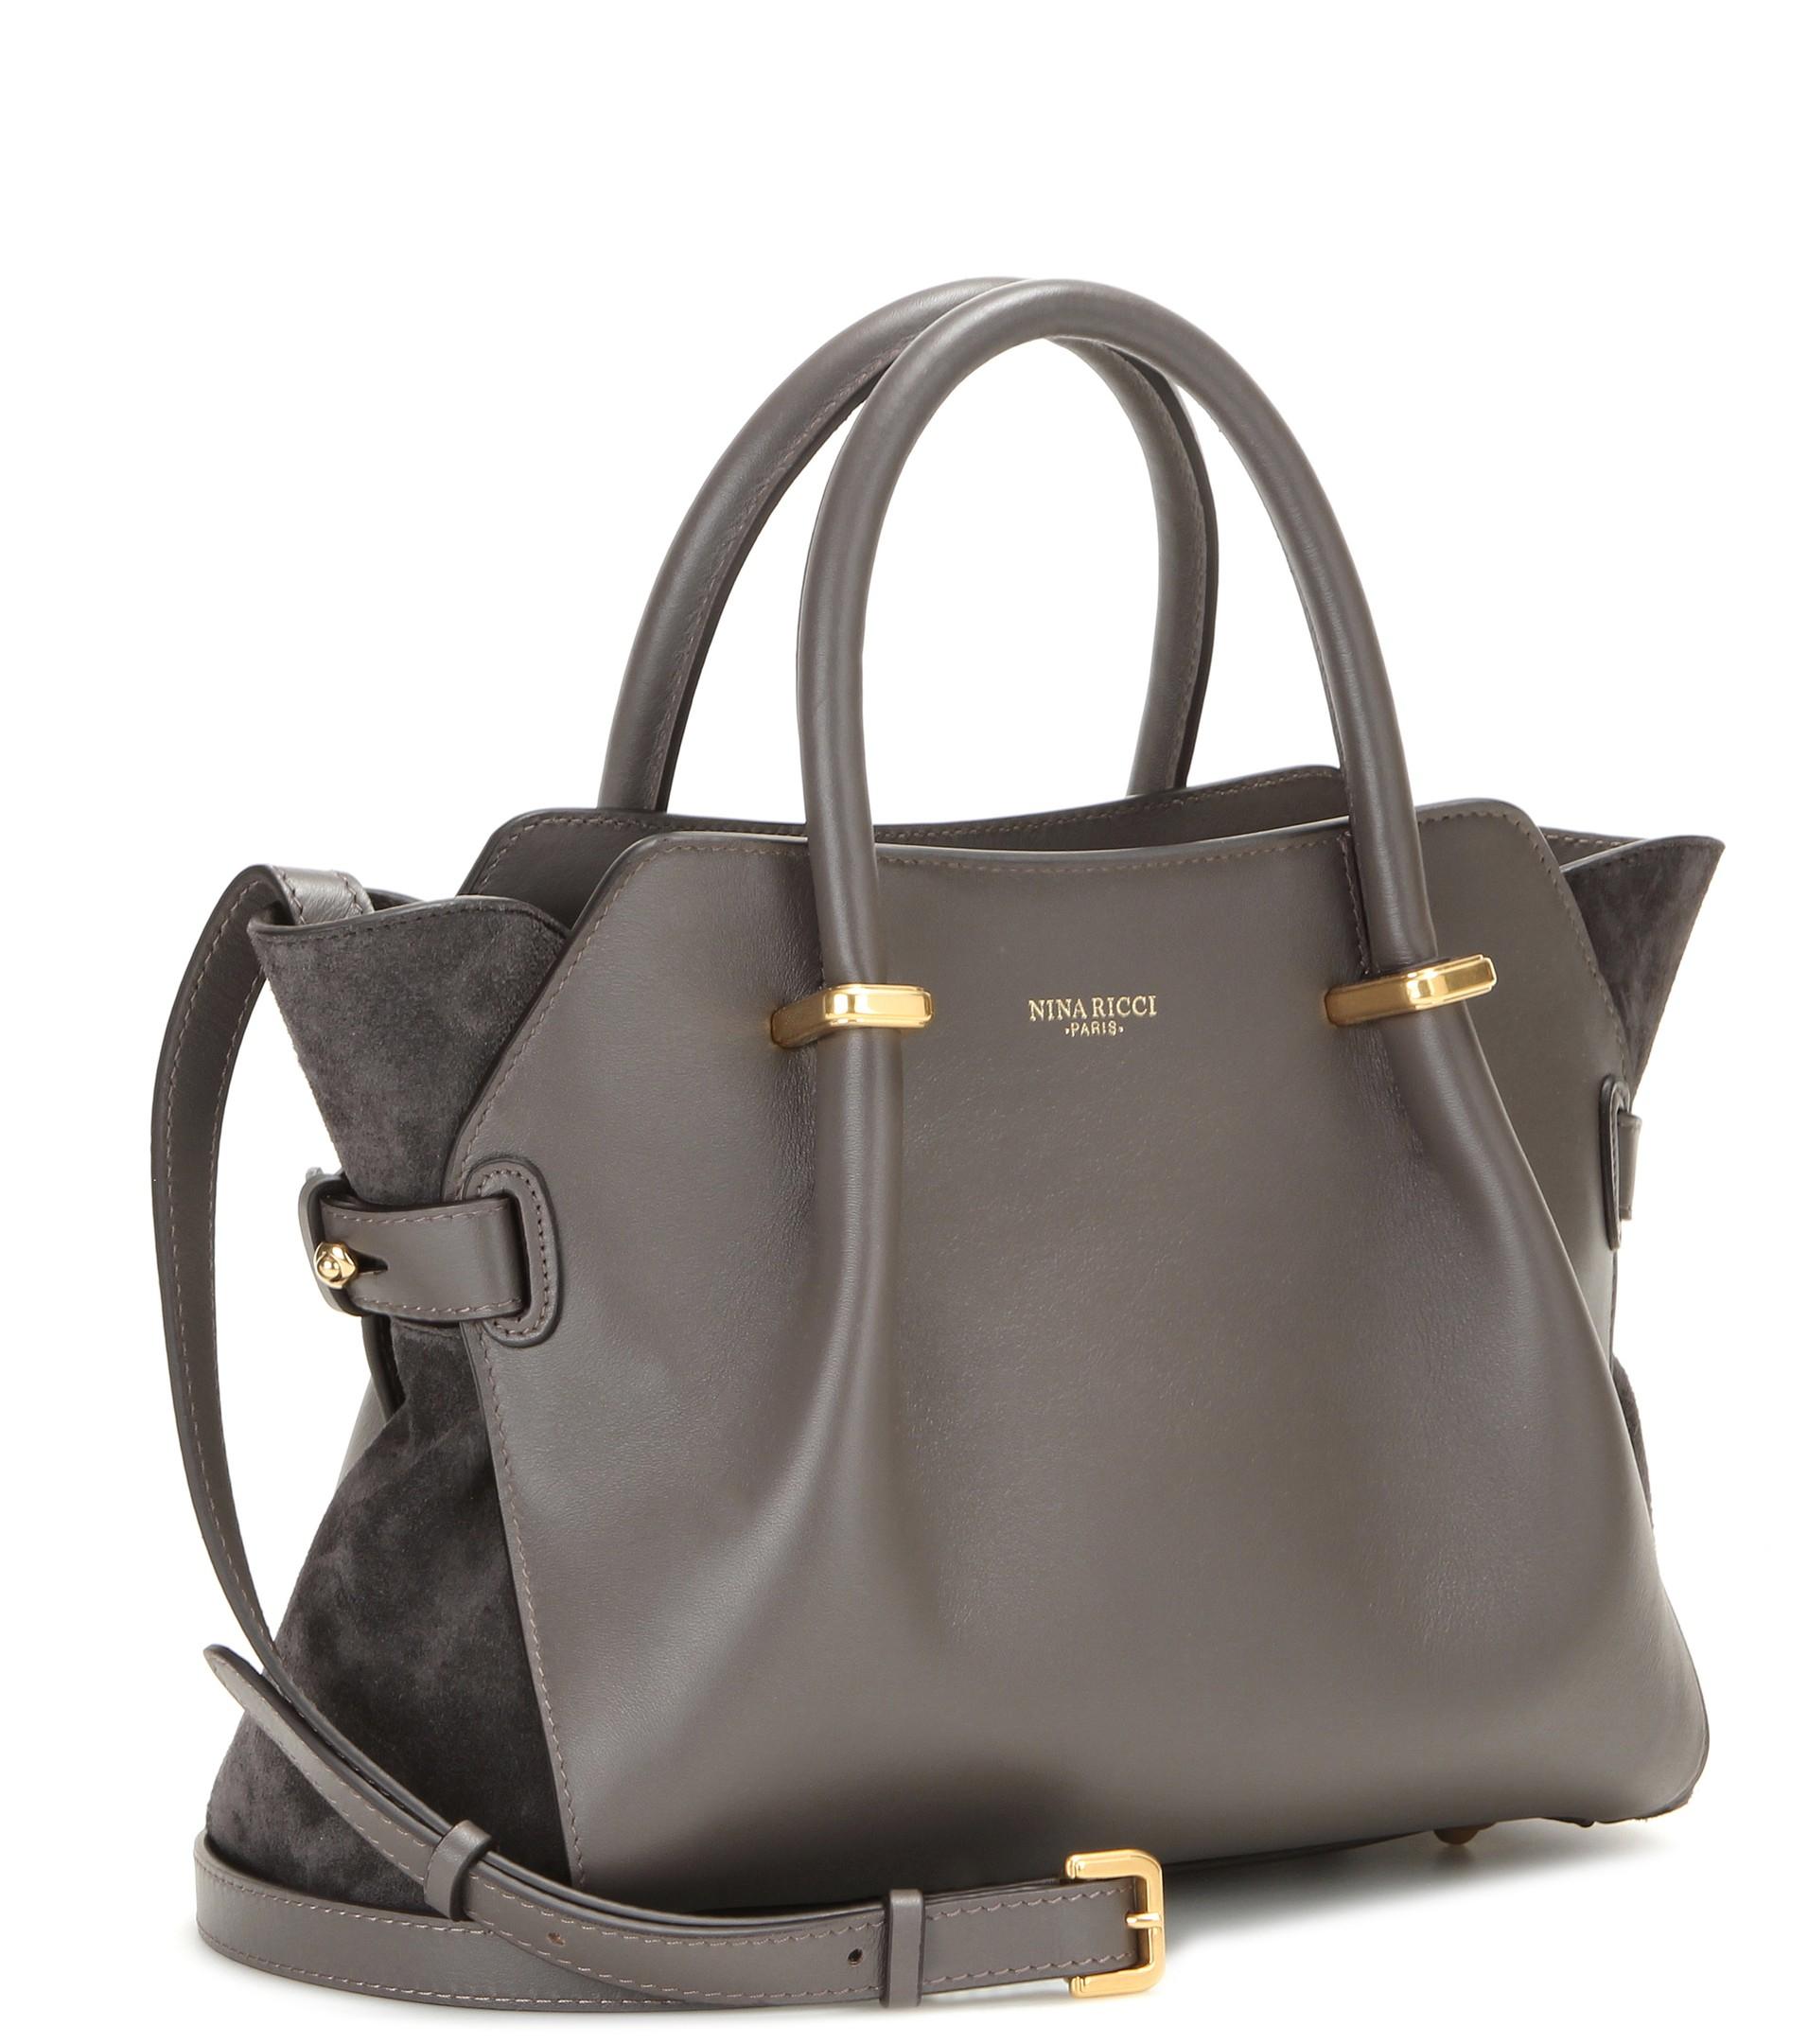 9462ba055df Nina Ricci Marché Mini Leather Tote in Gray - Lyst